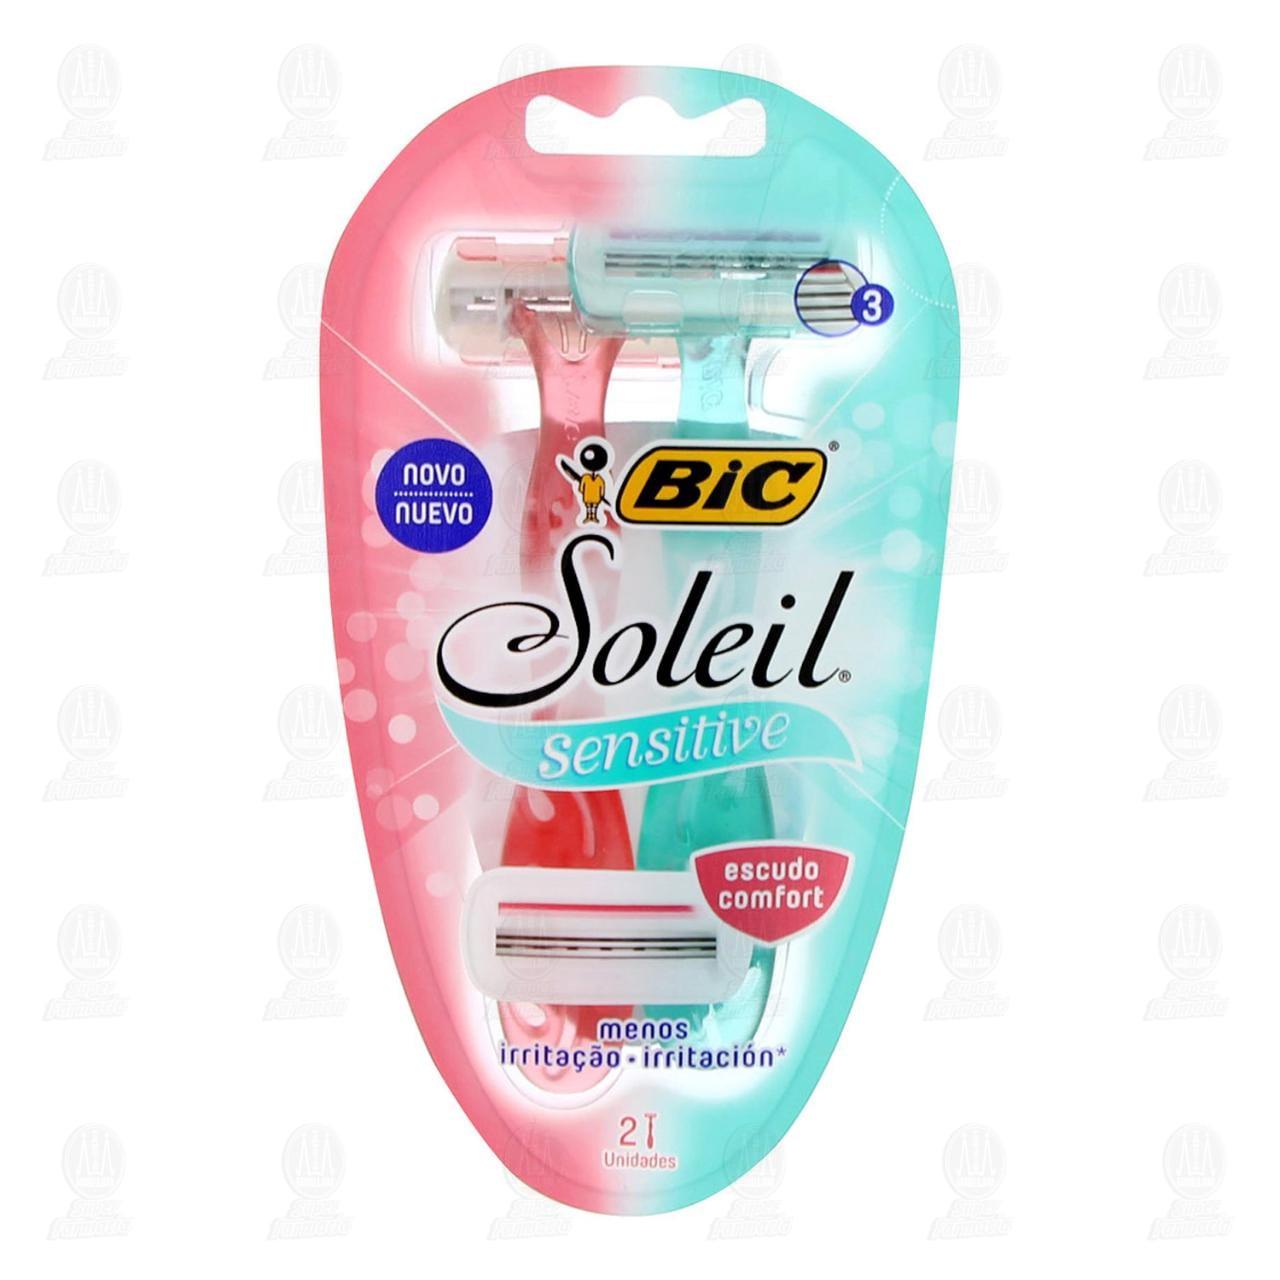 Comprar Máquinas para Afeitar Bic Soleil Sensitive Desechables, 2 pzas. en Farmacias Guadalajara